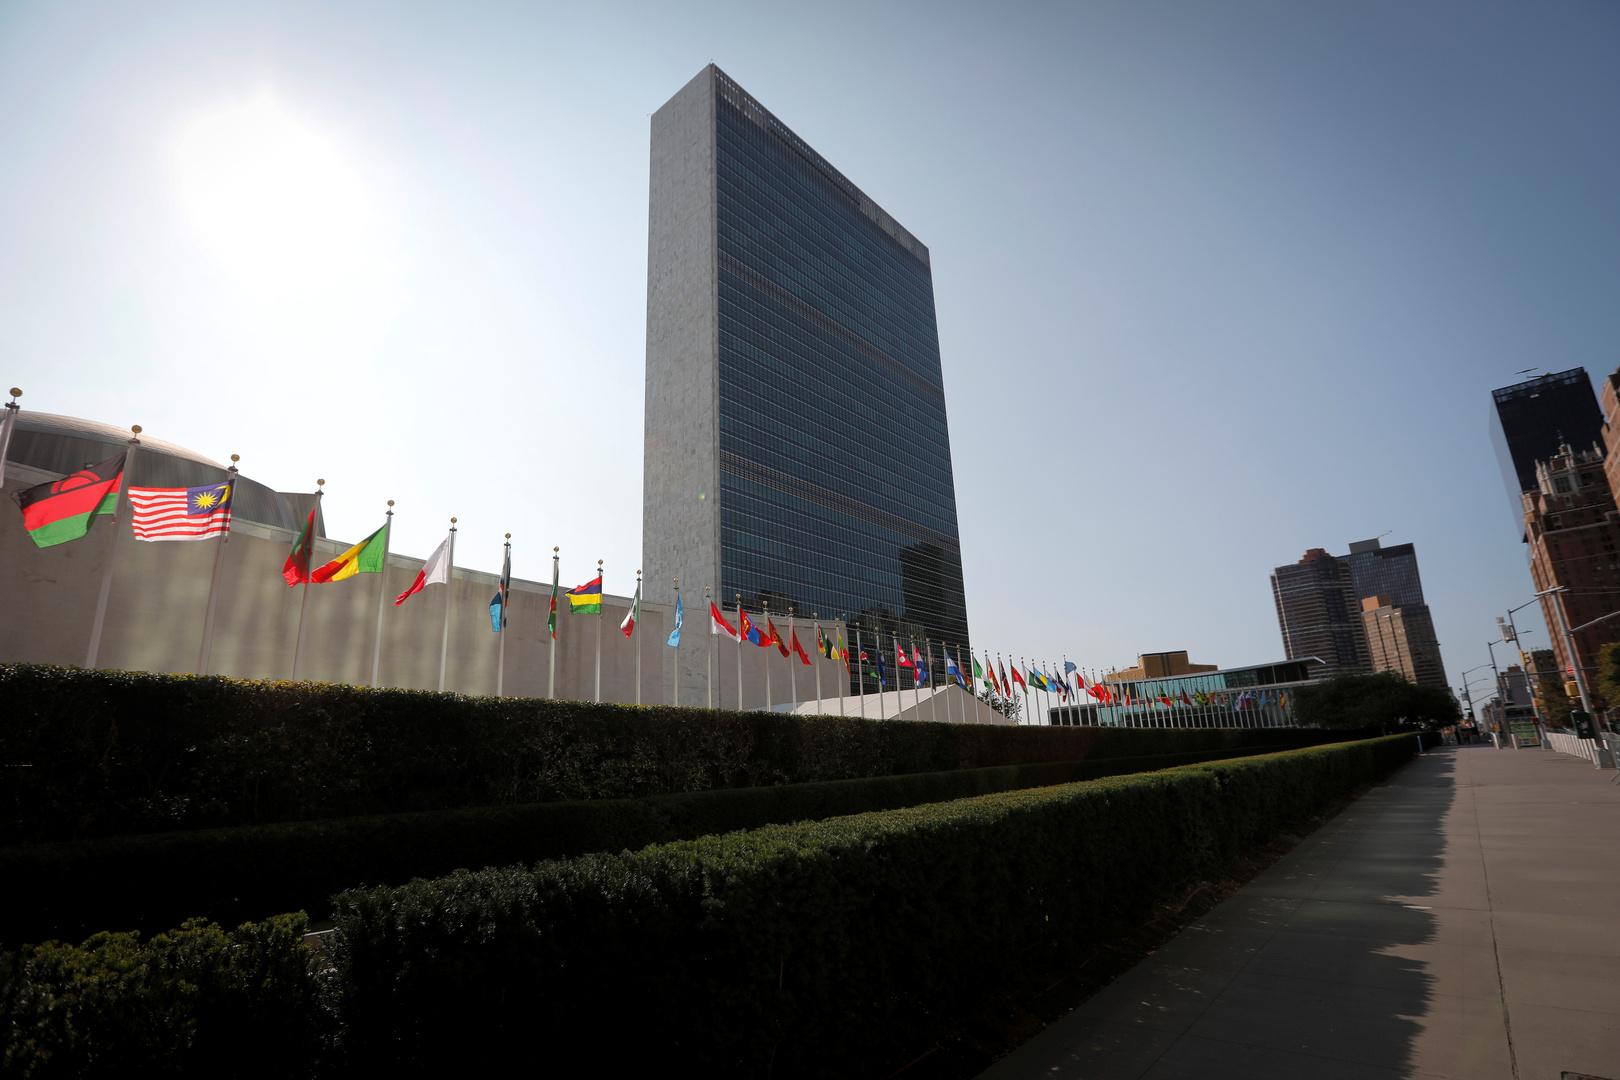 الجمعية العامة للأمم المتحدة تعتمد قرارات بشأن القضية الفلسطينية والجولان المحتل